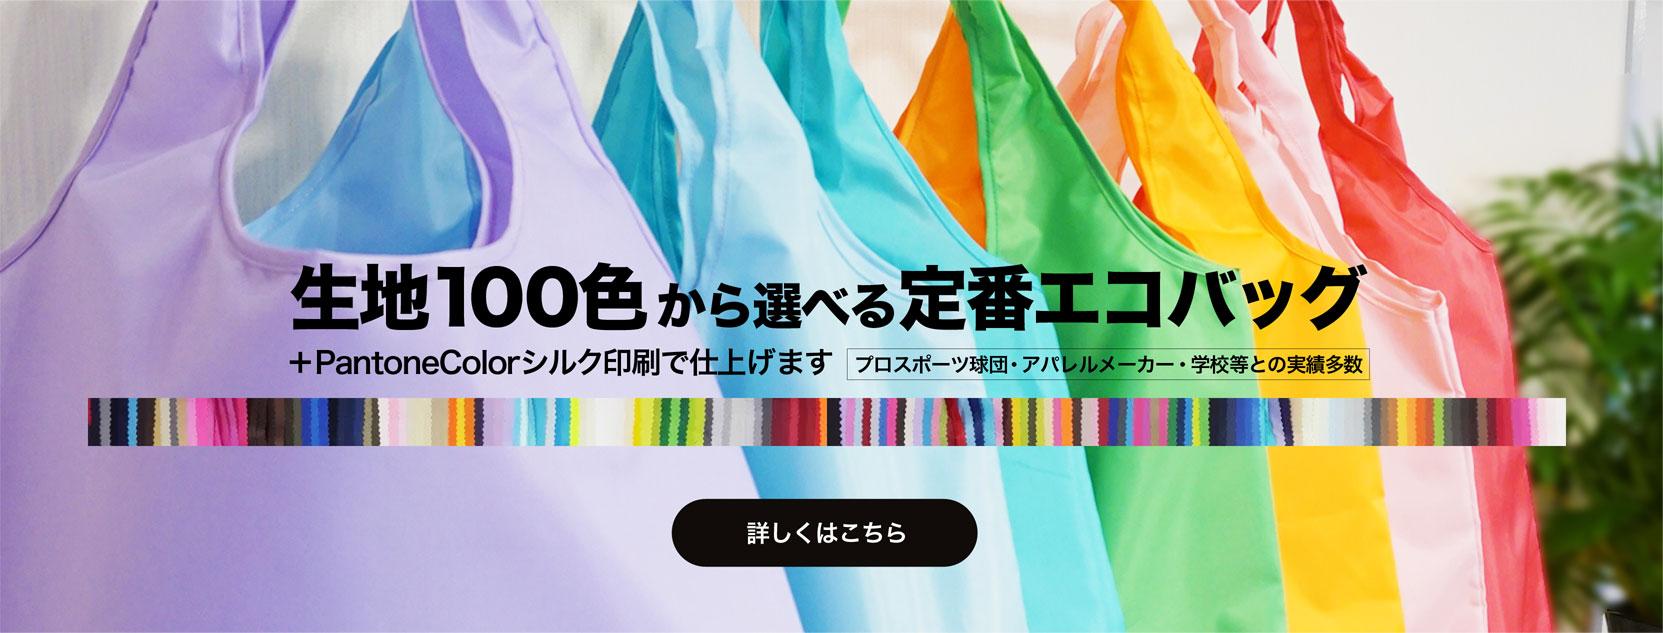 生地100色から選べるオリジナルエコバッグ